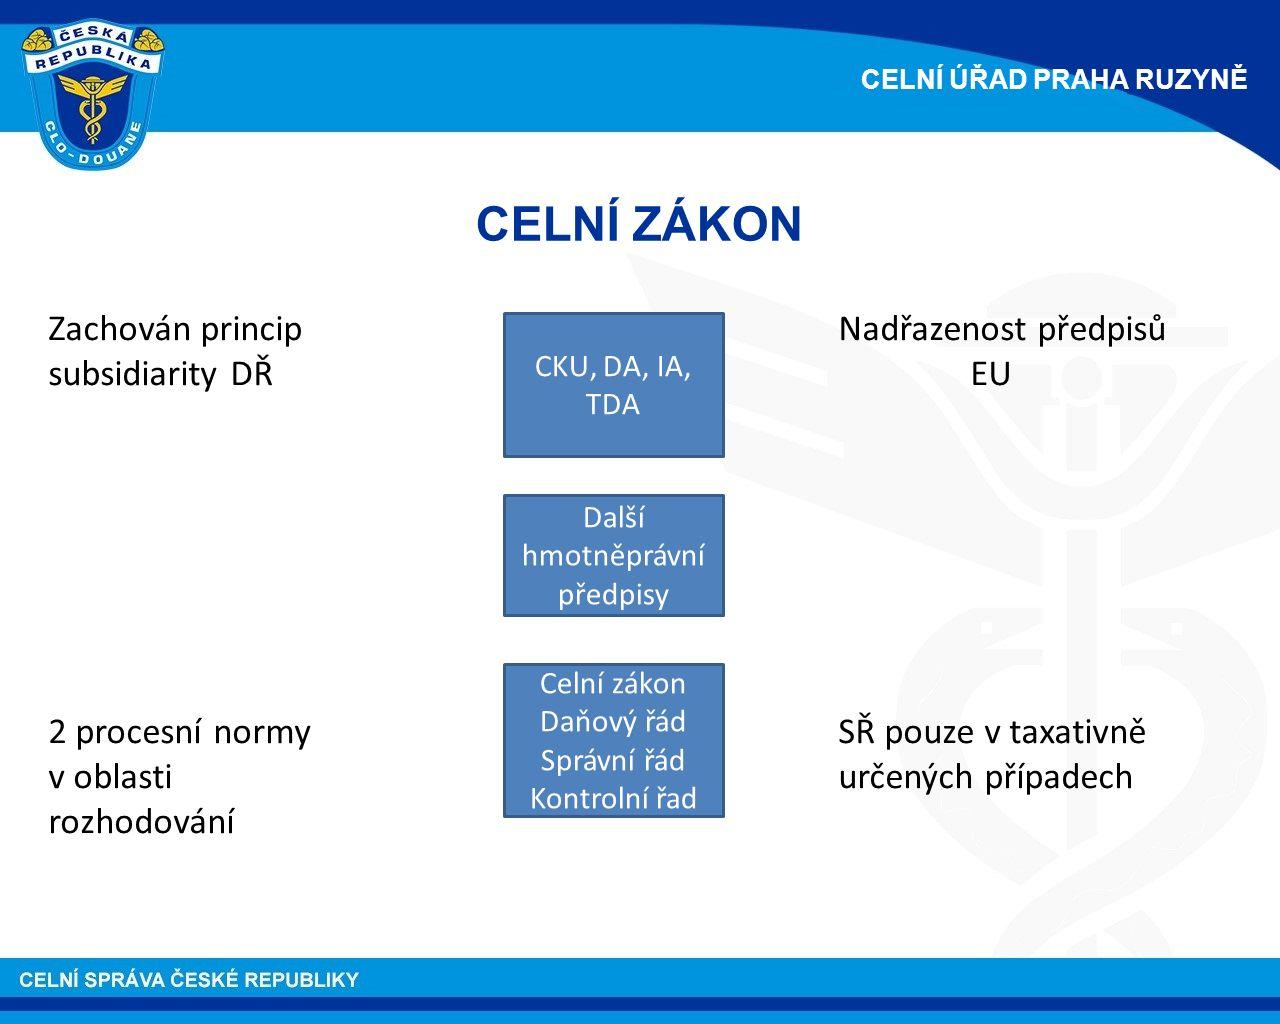 CELNÍ ZÁKON Zachován princip Nadřazenost předpisů subsidiarity DŘ EU 2 procesní normy SŘ pouze v taxativně v oblasti určených případech rozhodování CELNÍ ÚŘAD PRAHA RUZYNĚ CKU, DA, IA, TDA Další hmotněprávní předpisy Celní zákon Daňový řád Správní řád Kontrolní řad